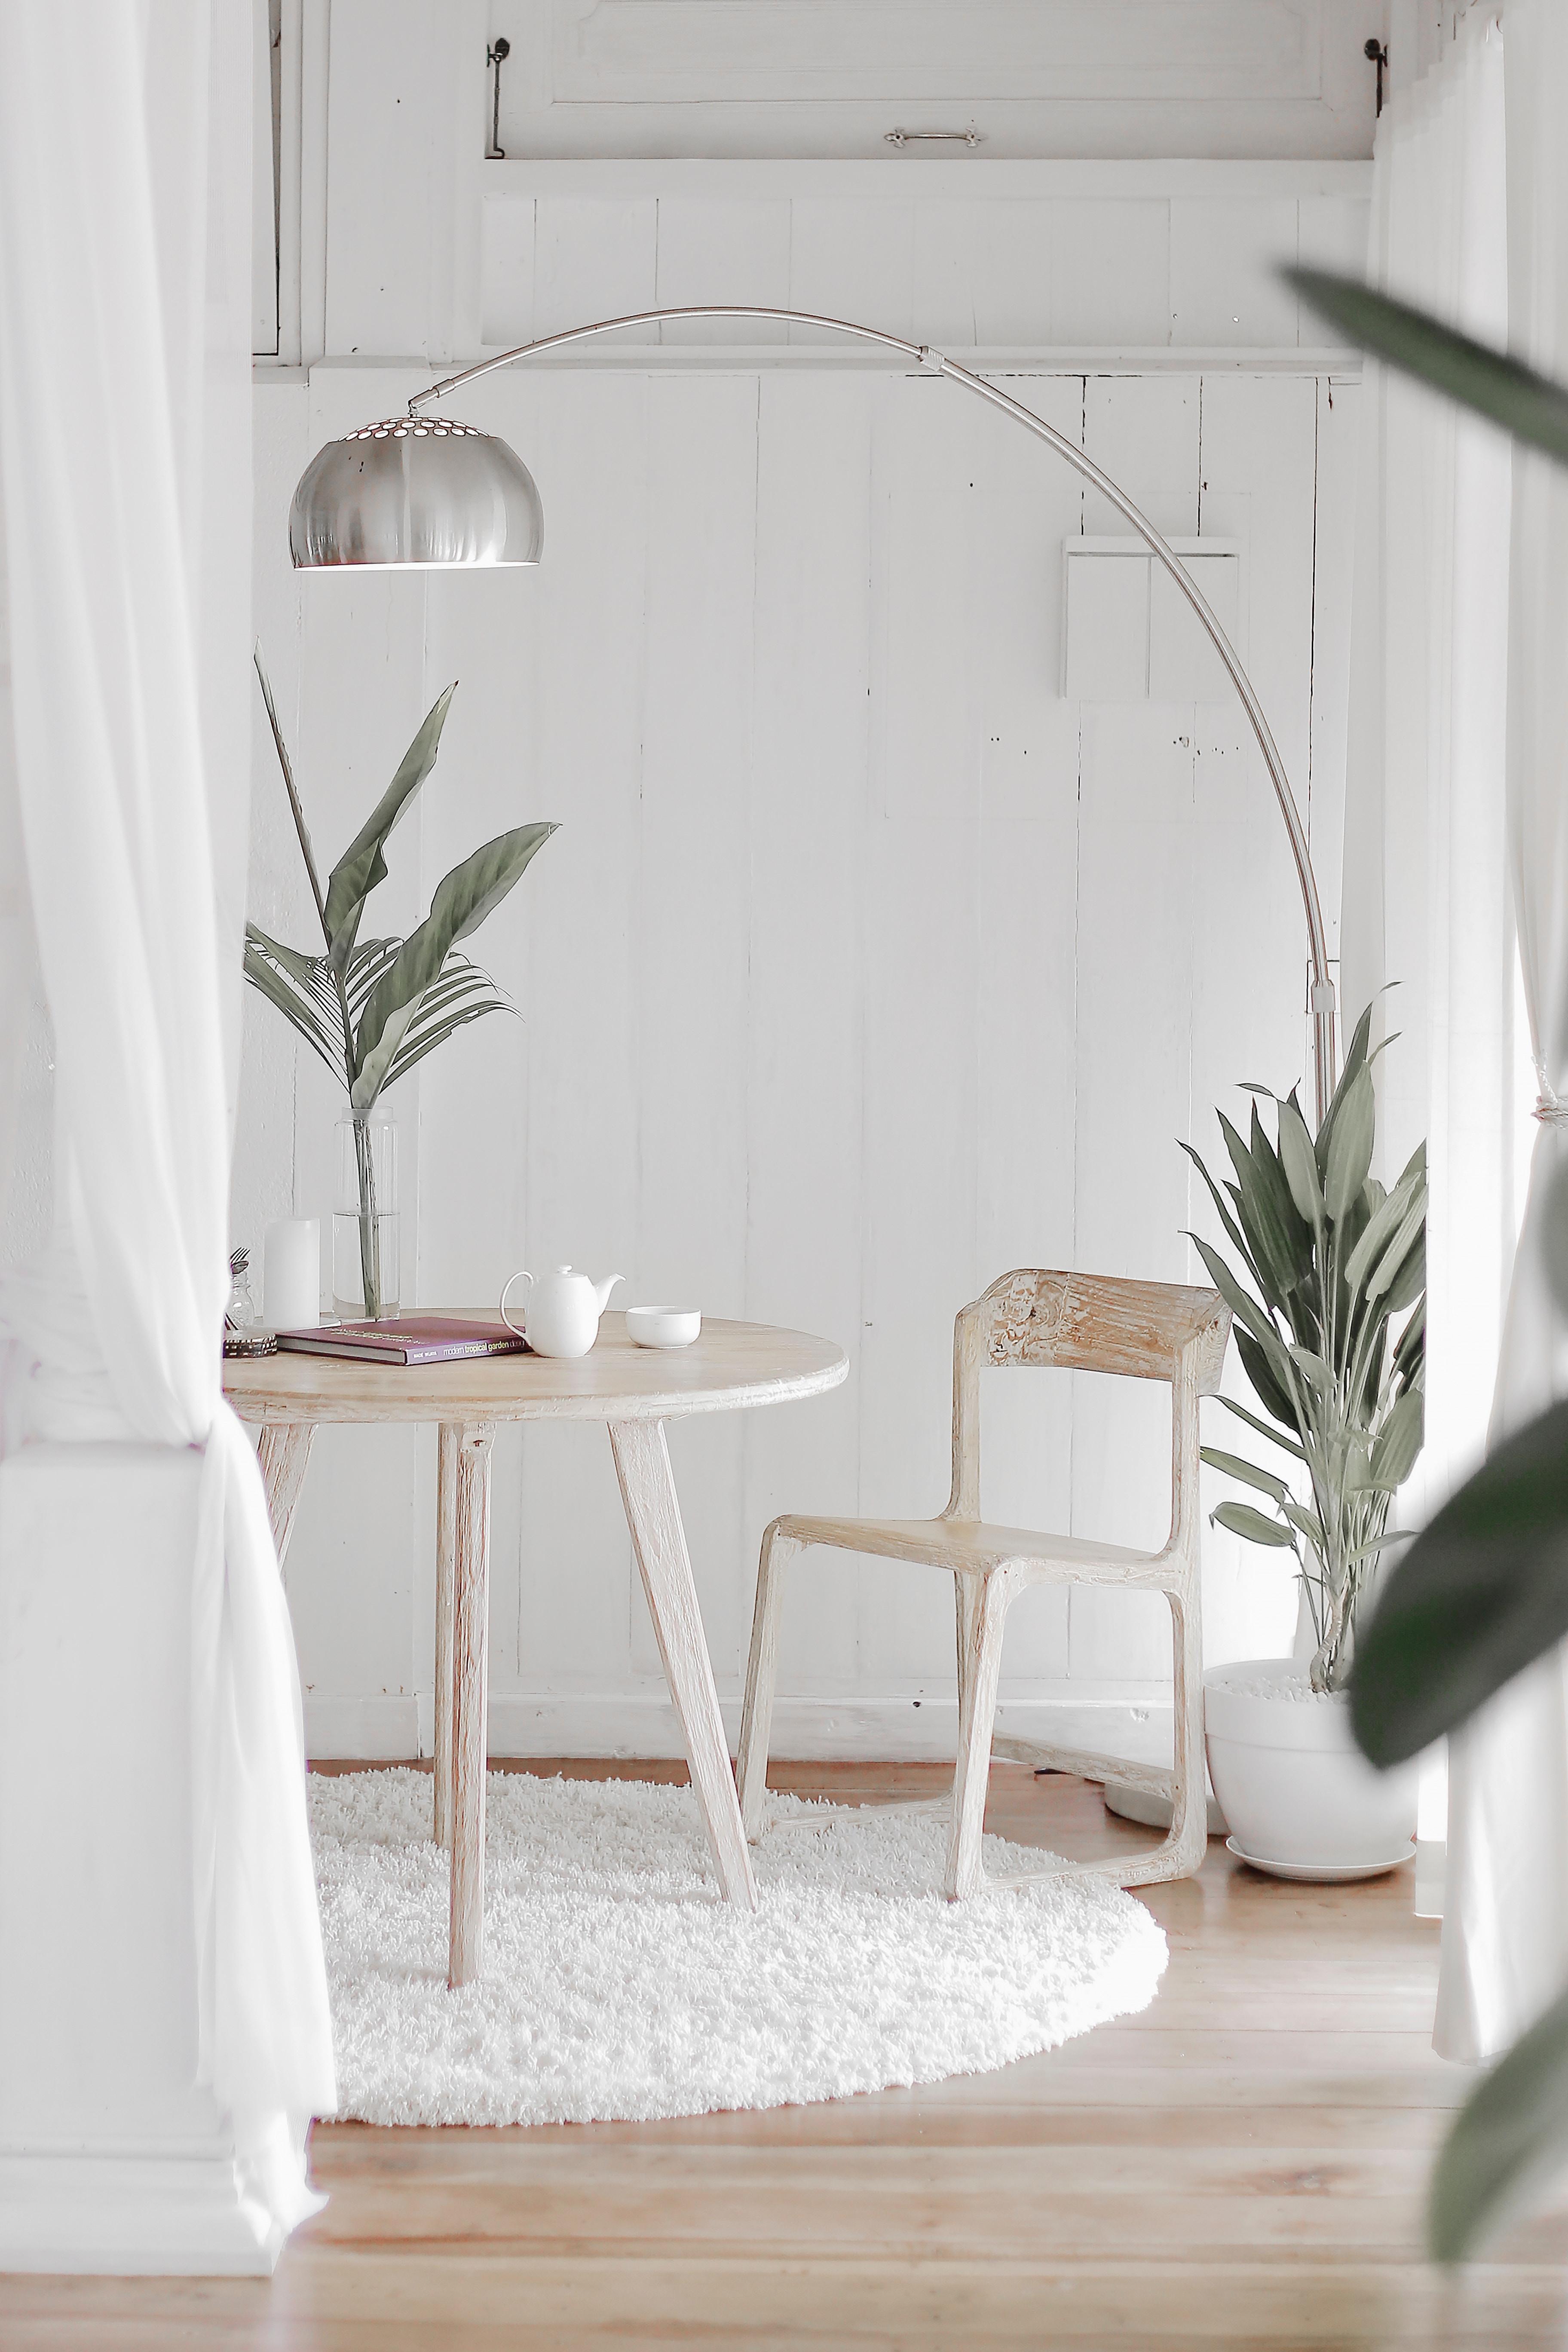 Đèn cây đứng Polosee sự lựa chọn phù hợp cho những căn phòng mang phong cách Bắc Âu Hygge nhẹ nhàng, ấm áp